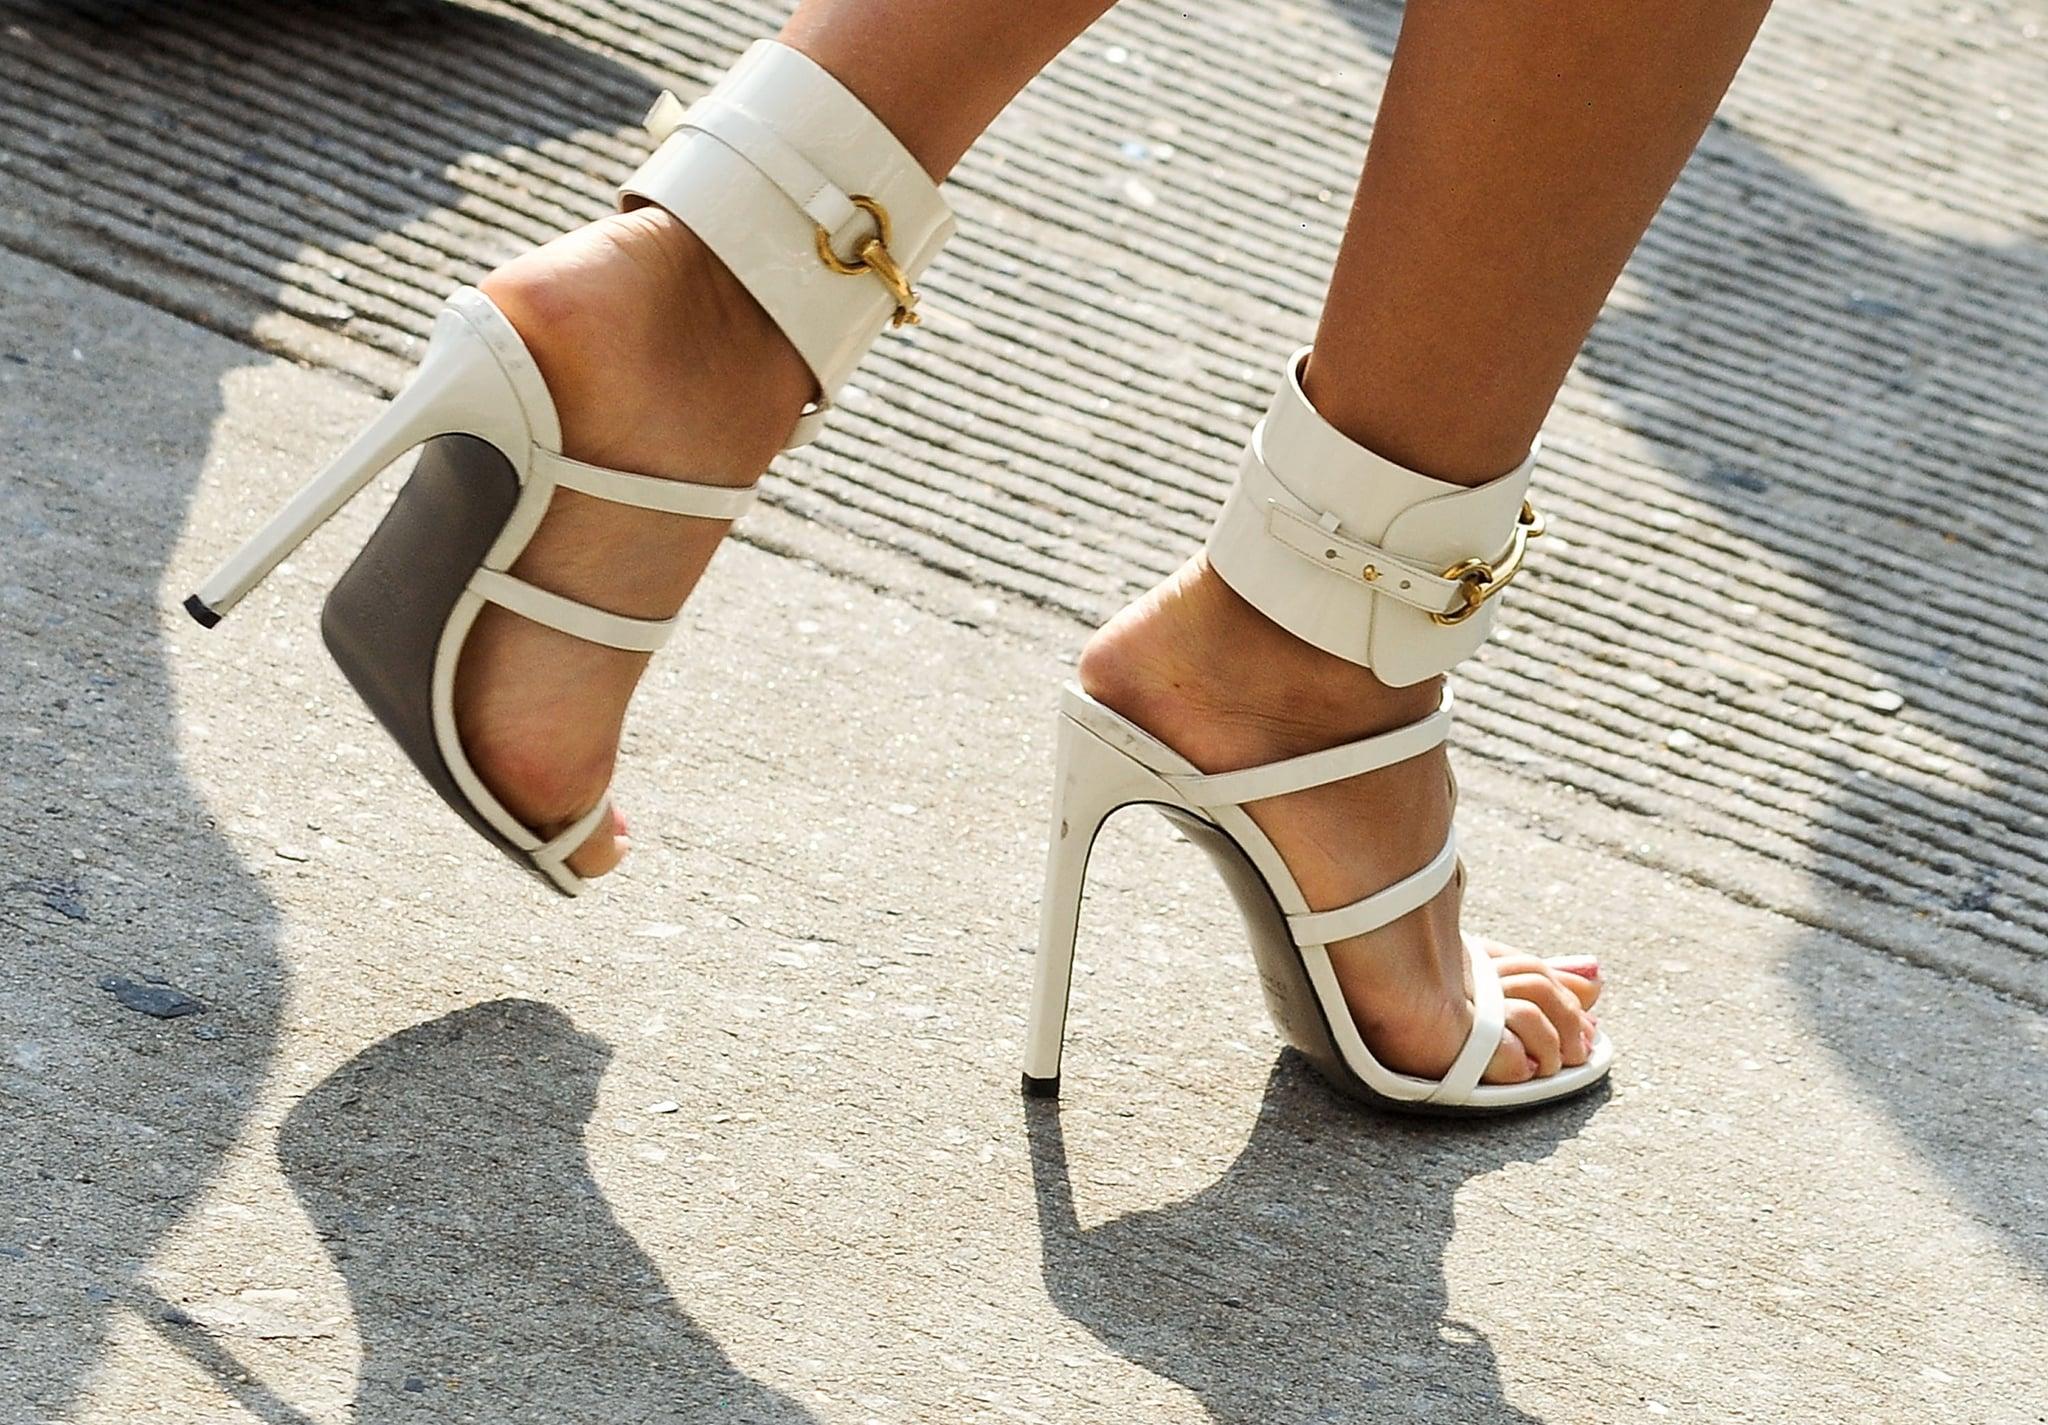 Bright white Gucci heels.